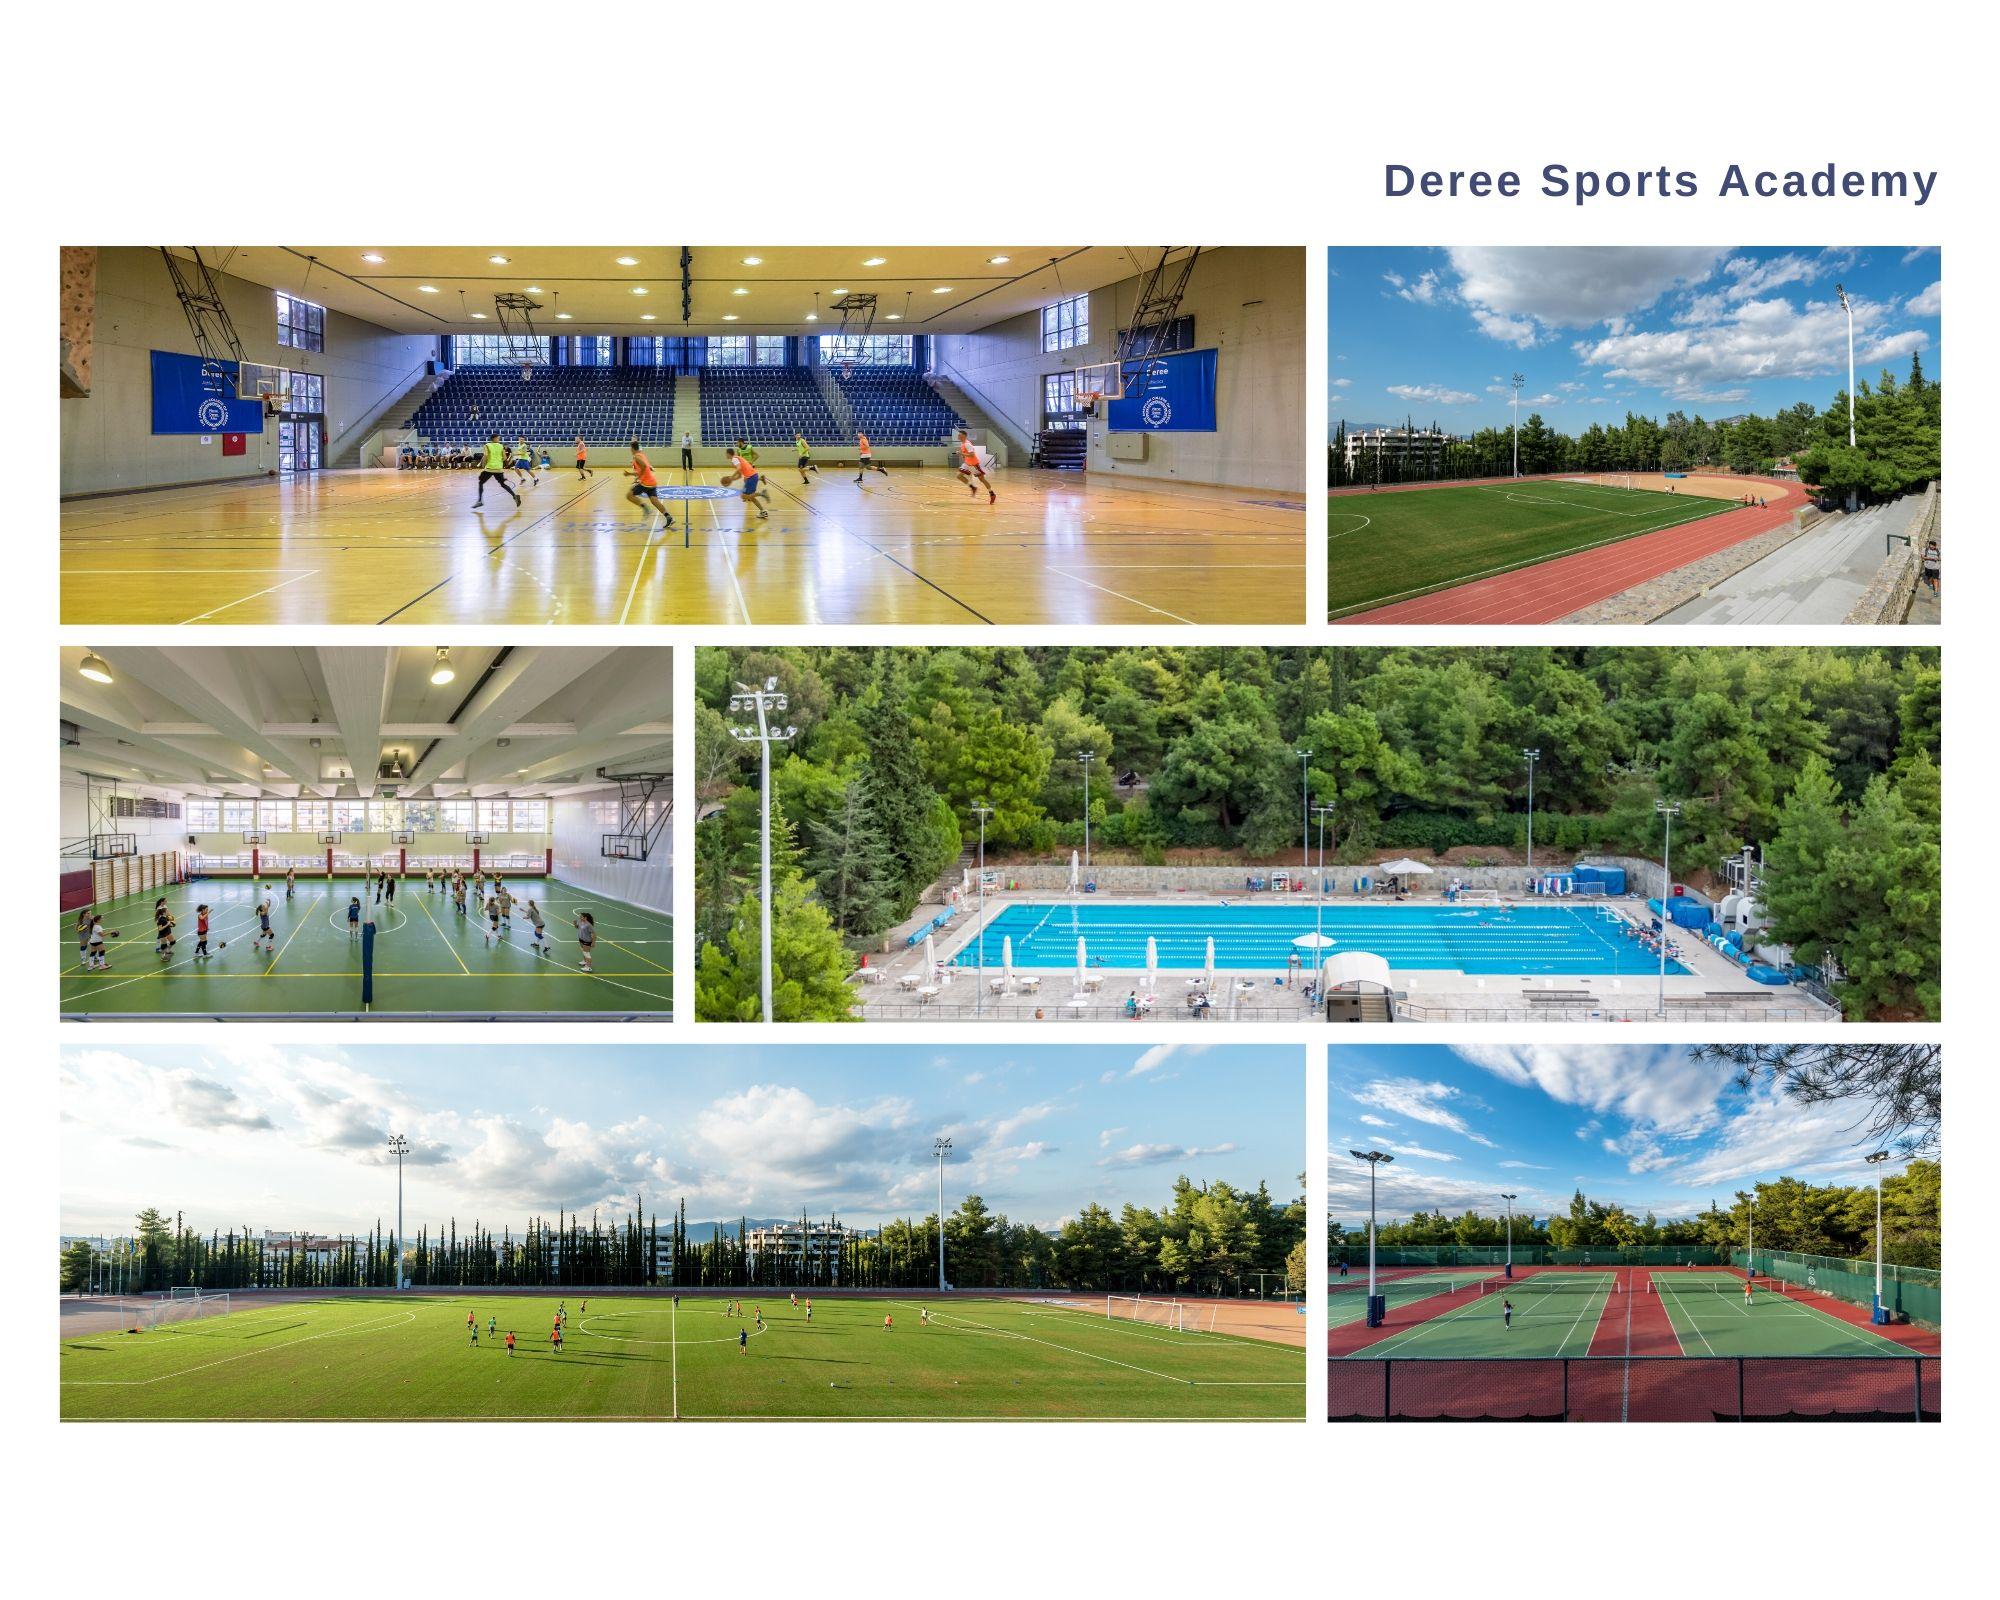 Πρόγραμμα Deree Sports Academy και εγγραφές 2020-21.